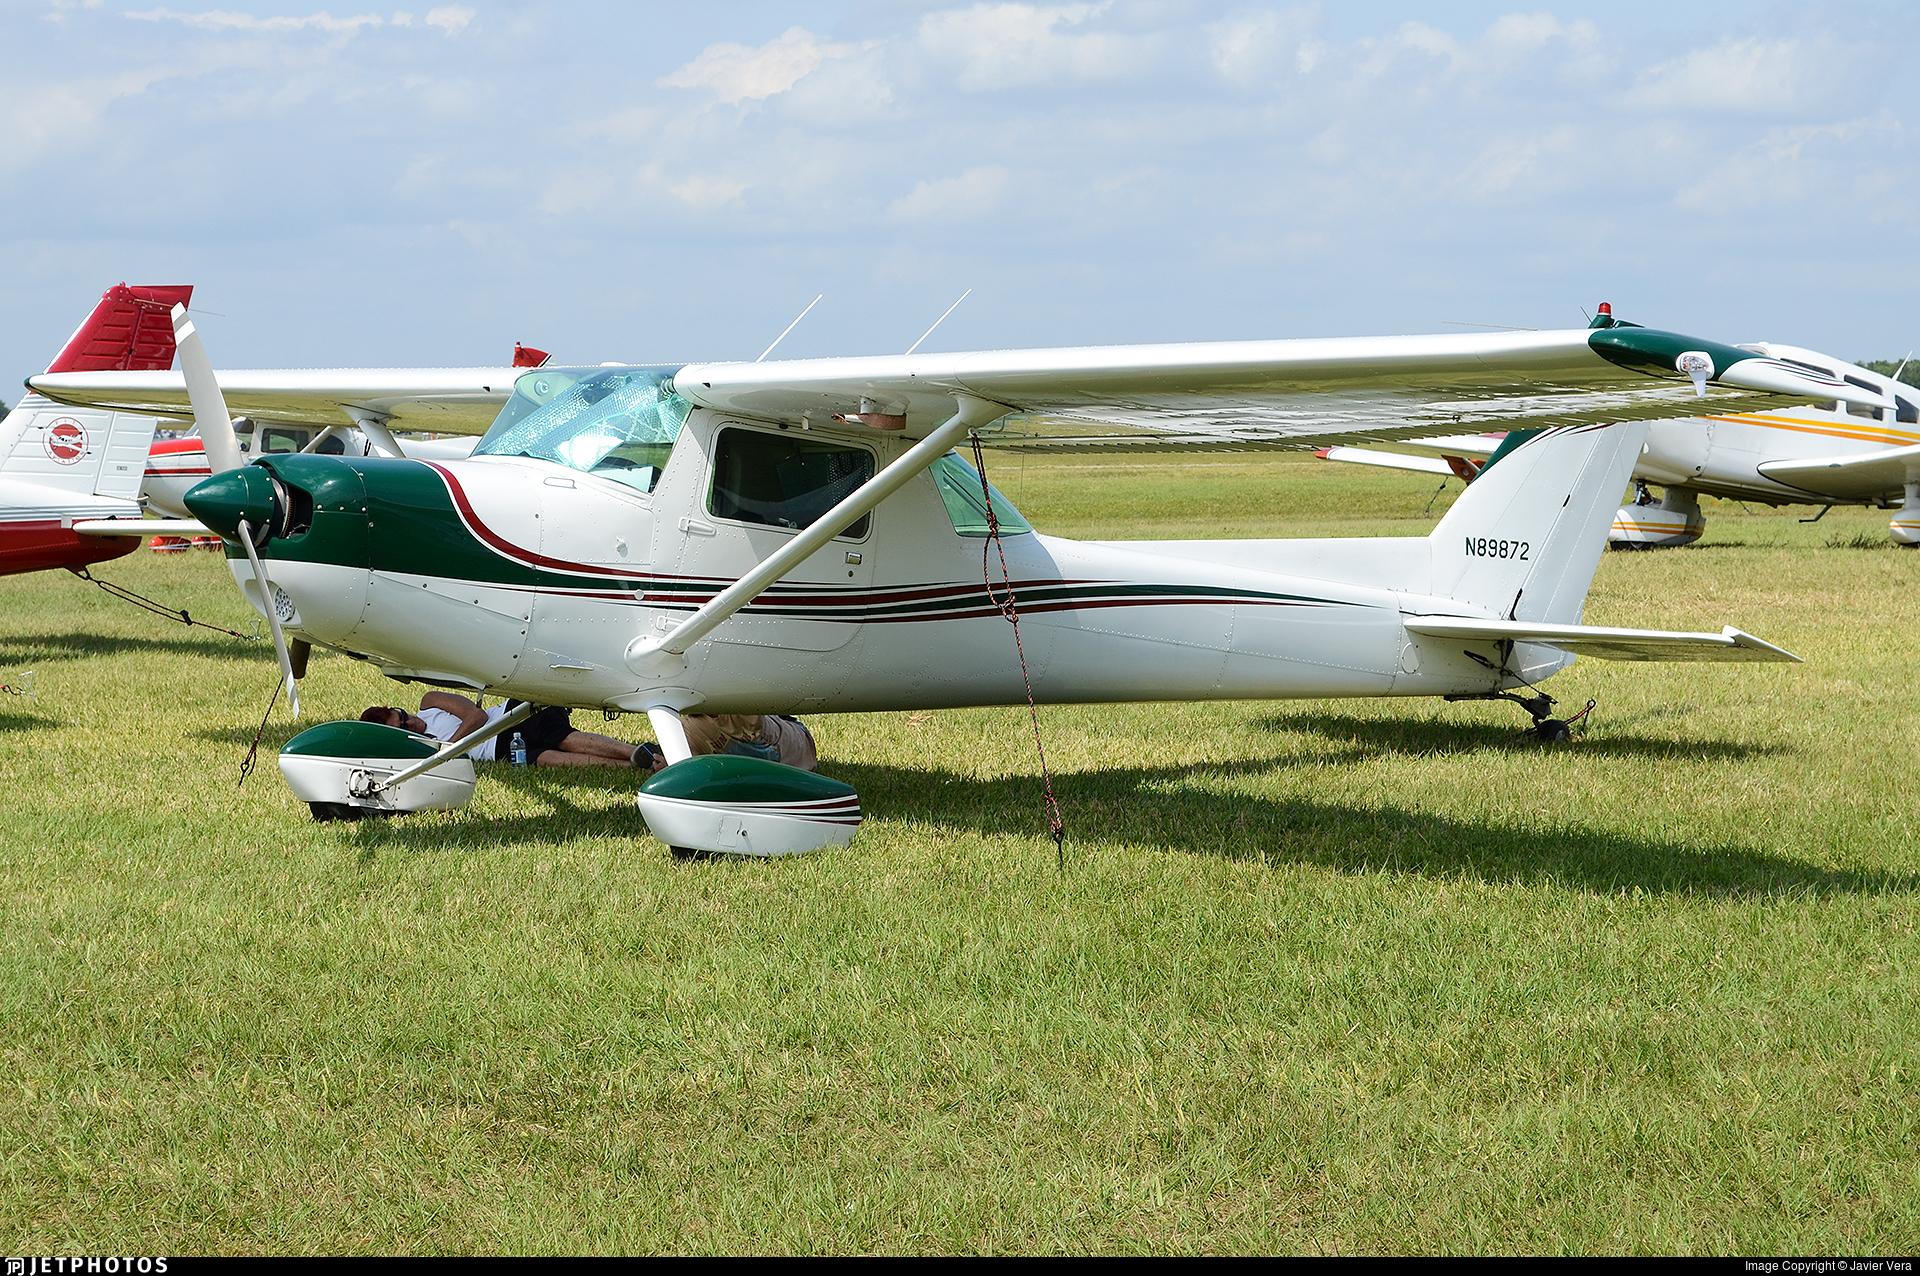 N89872 - Cessna 152 - Private